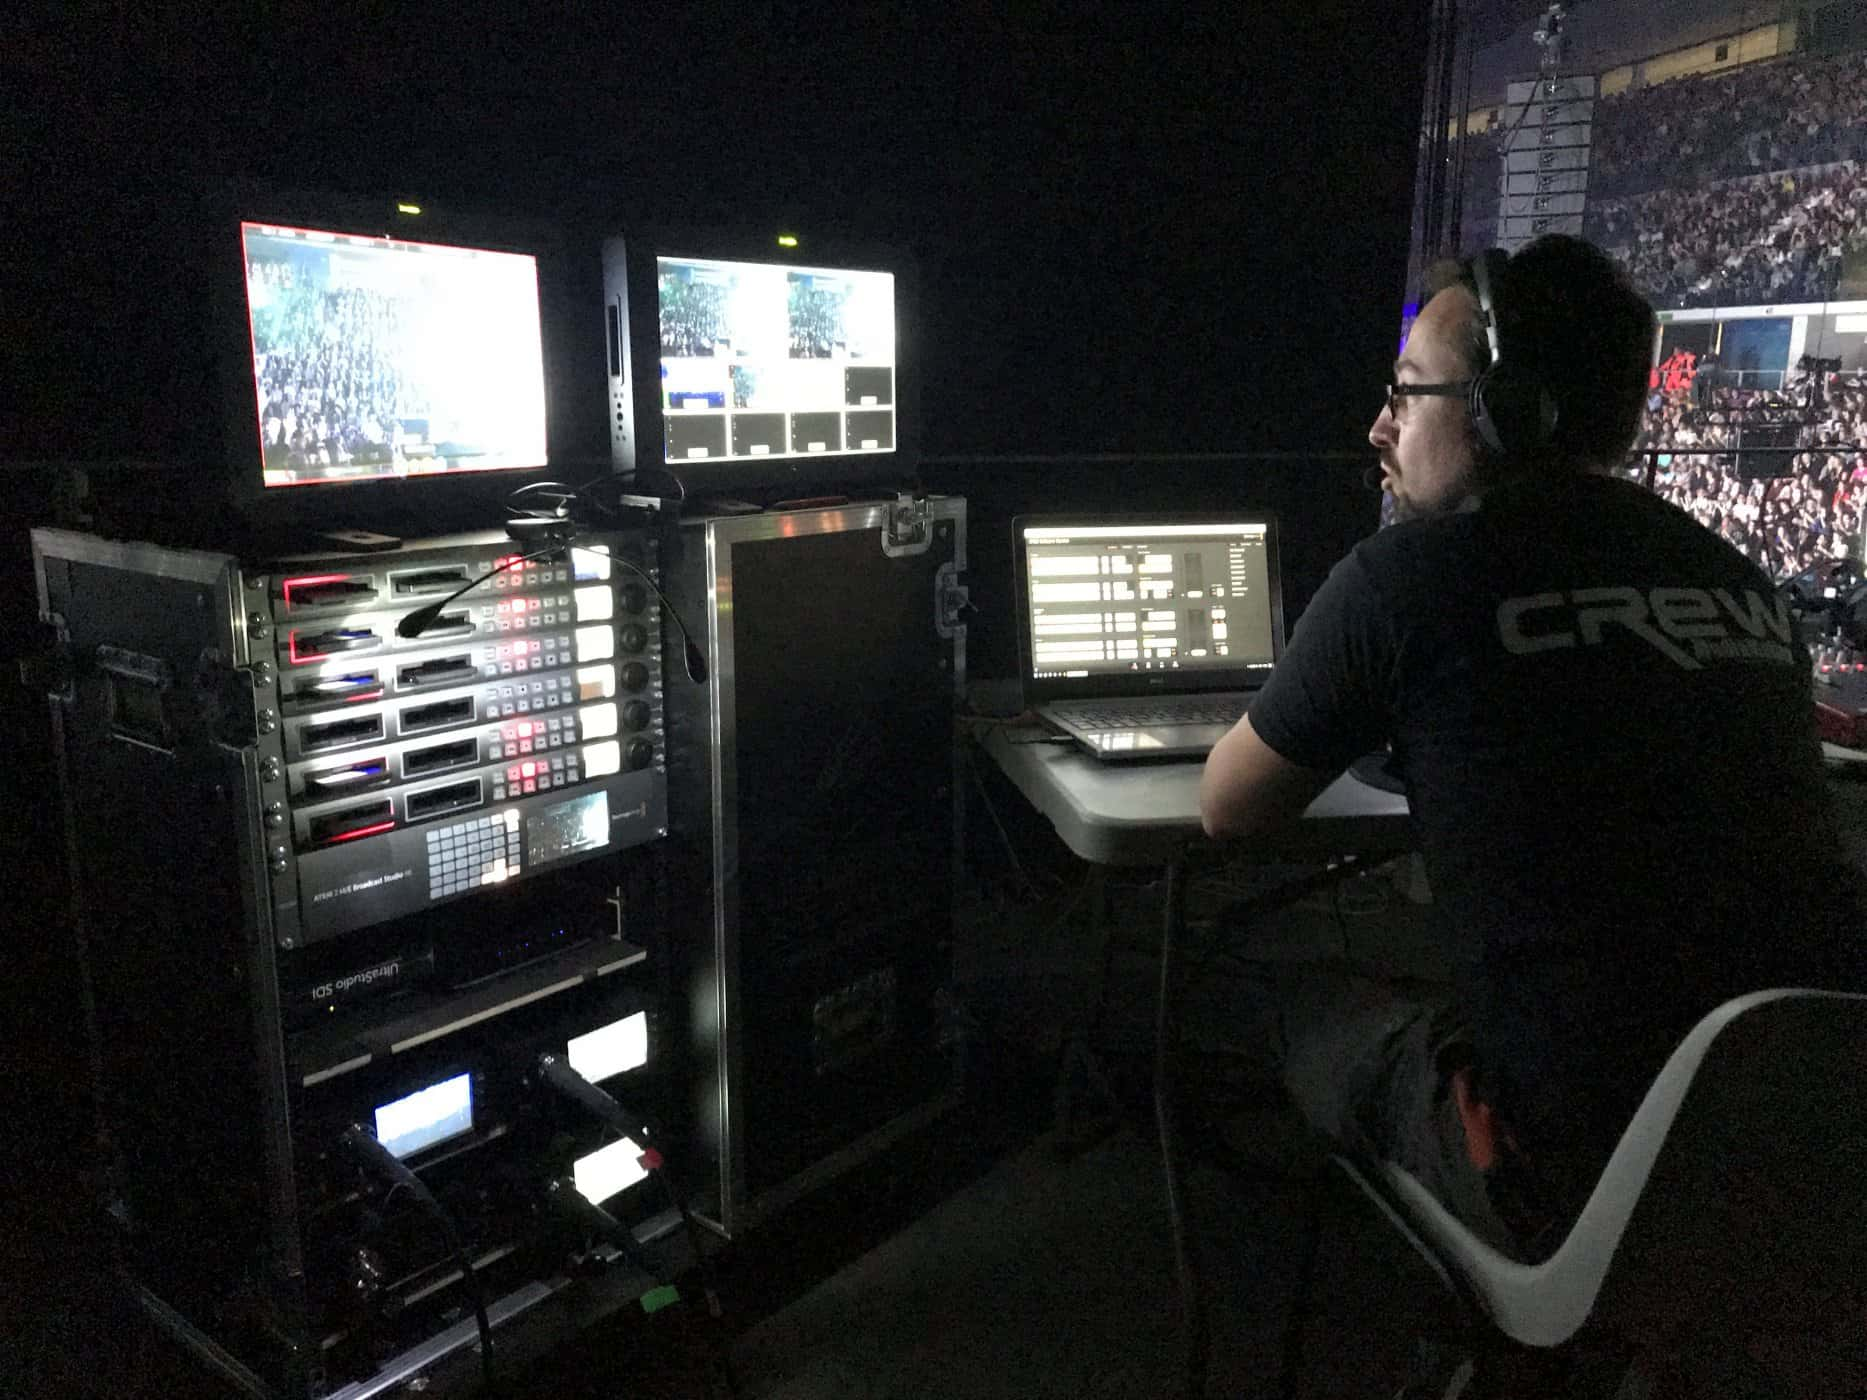 Videoproduzioni-postproduzione-eventi-streaming-service-broadcast-noleggio (14)